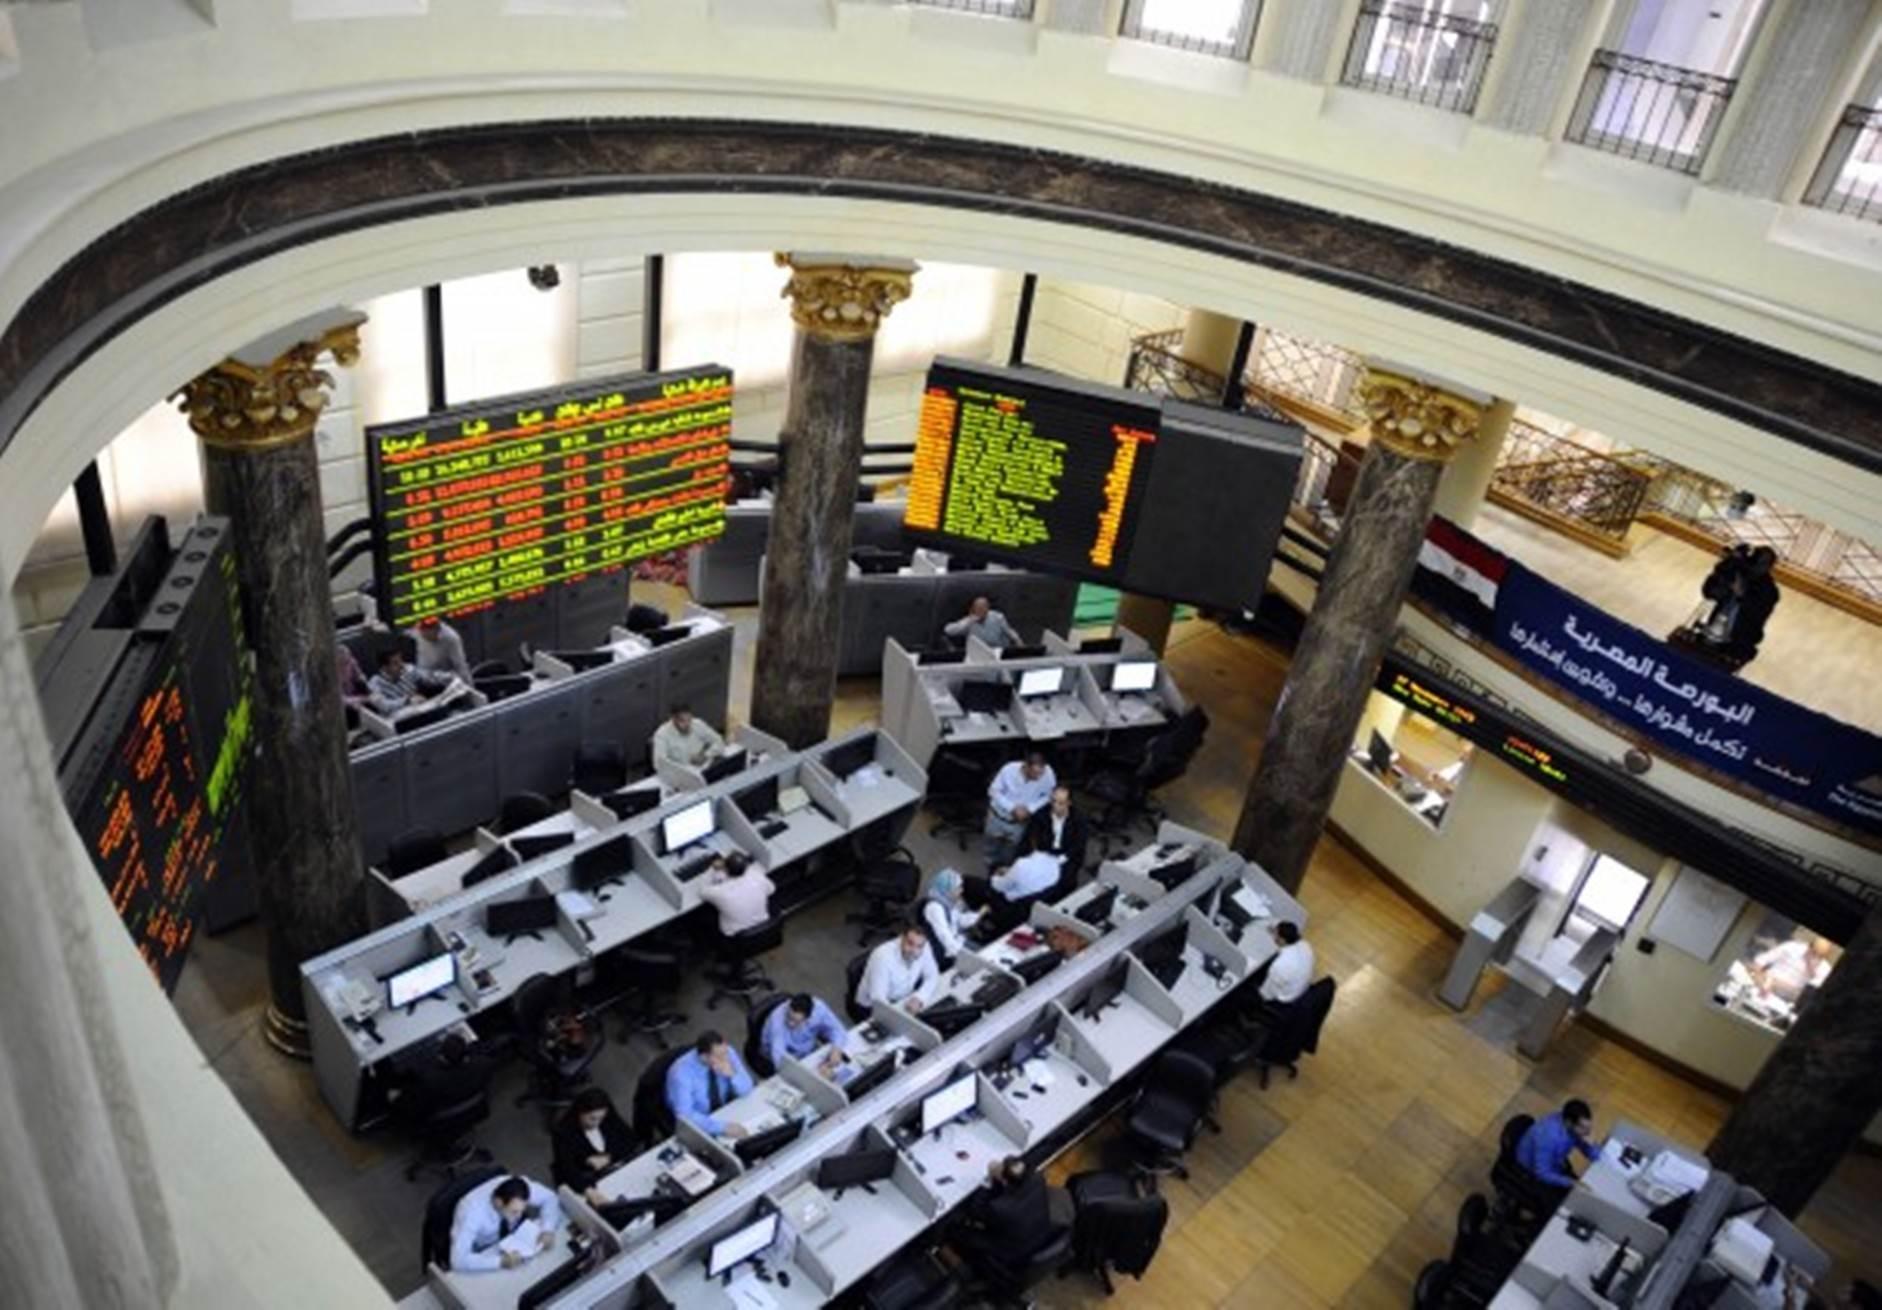 البورصة المصرية تهبط فى ختام جلسة متأرجحة - جريدة المال